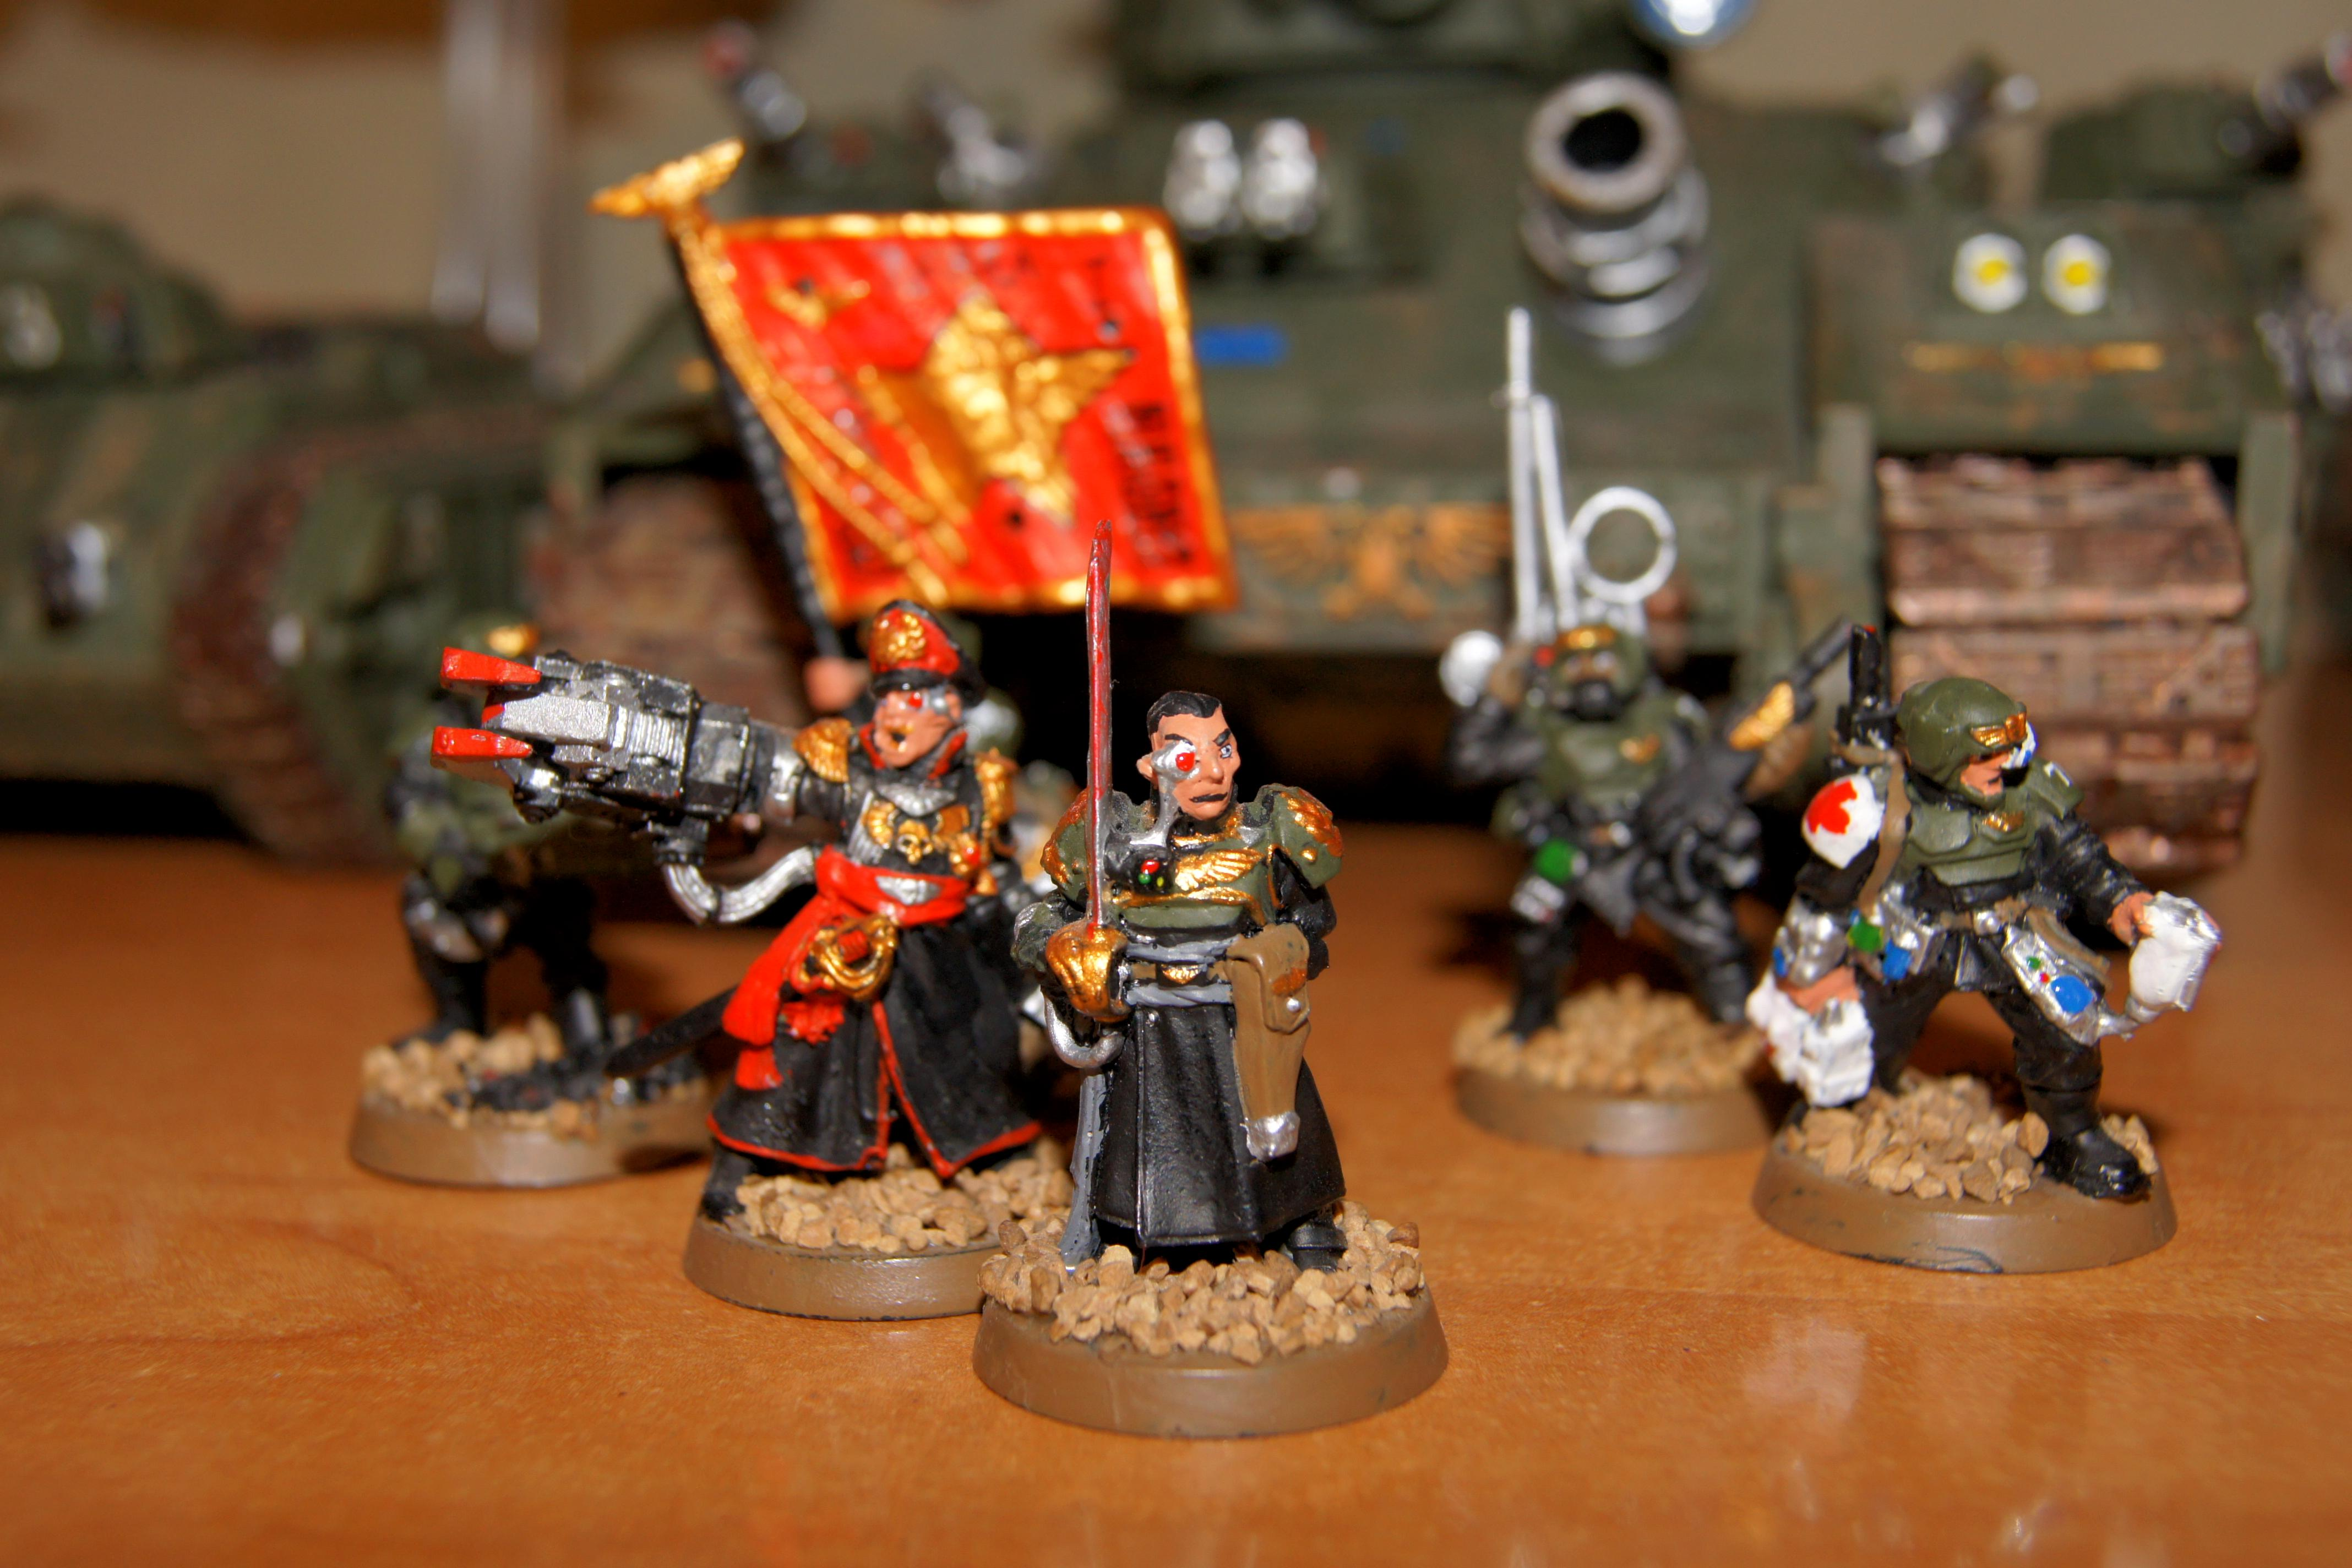 Army, Astra Militarum, Bane Wolf, Baneblade, Command Squad, Conversion, Heavy Weapon, Imperial Guard, Militarum Tempestus, Tempestus Scions, Veteran